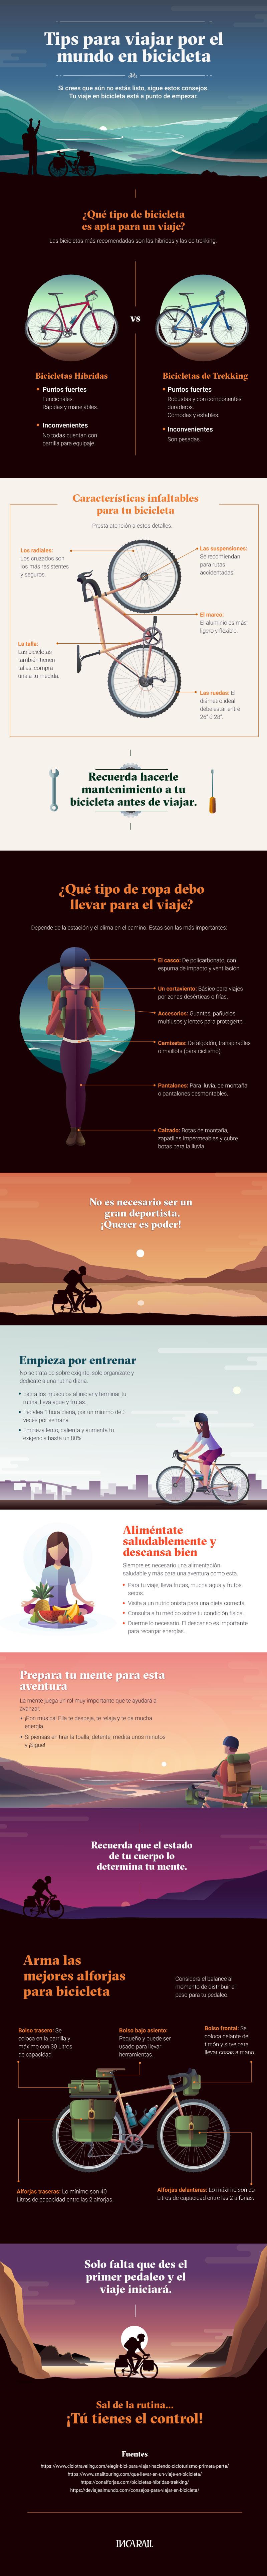 Tips-para-viajar-por-el-mundo-en-bicicleta